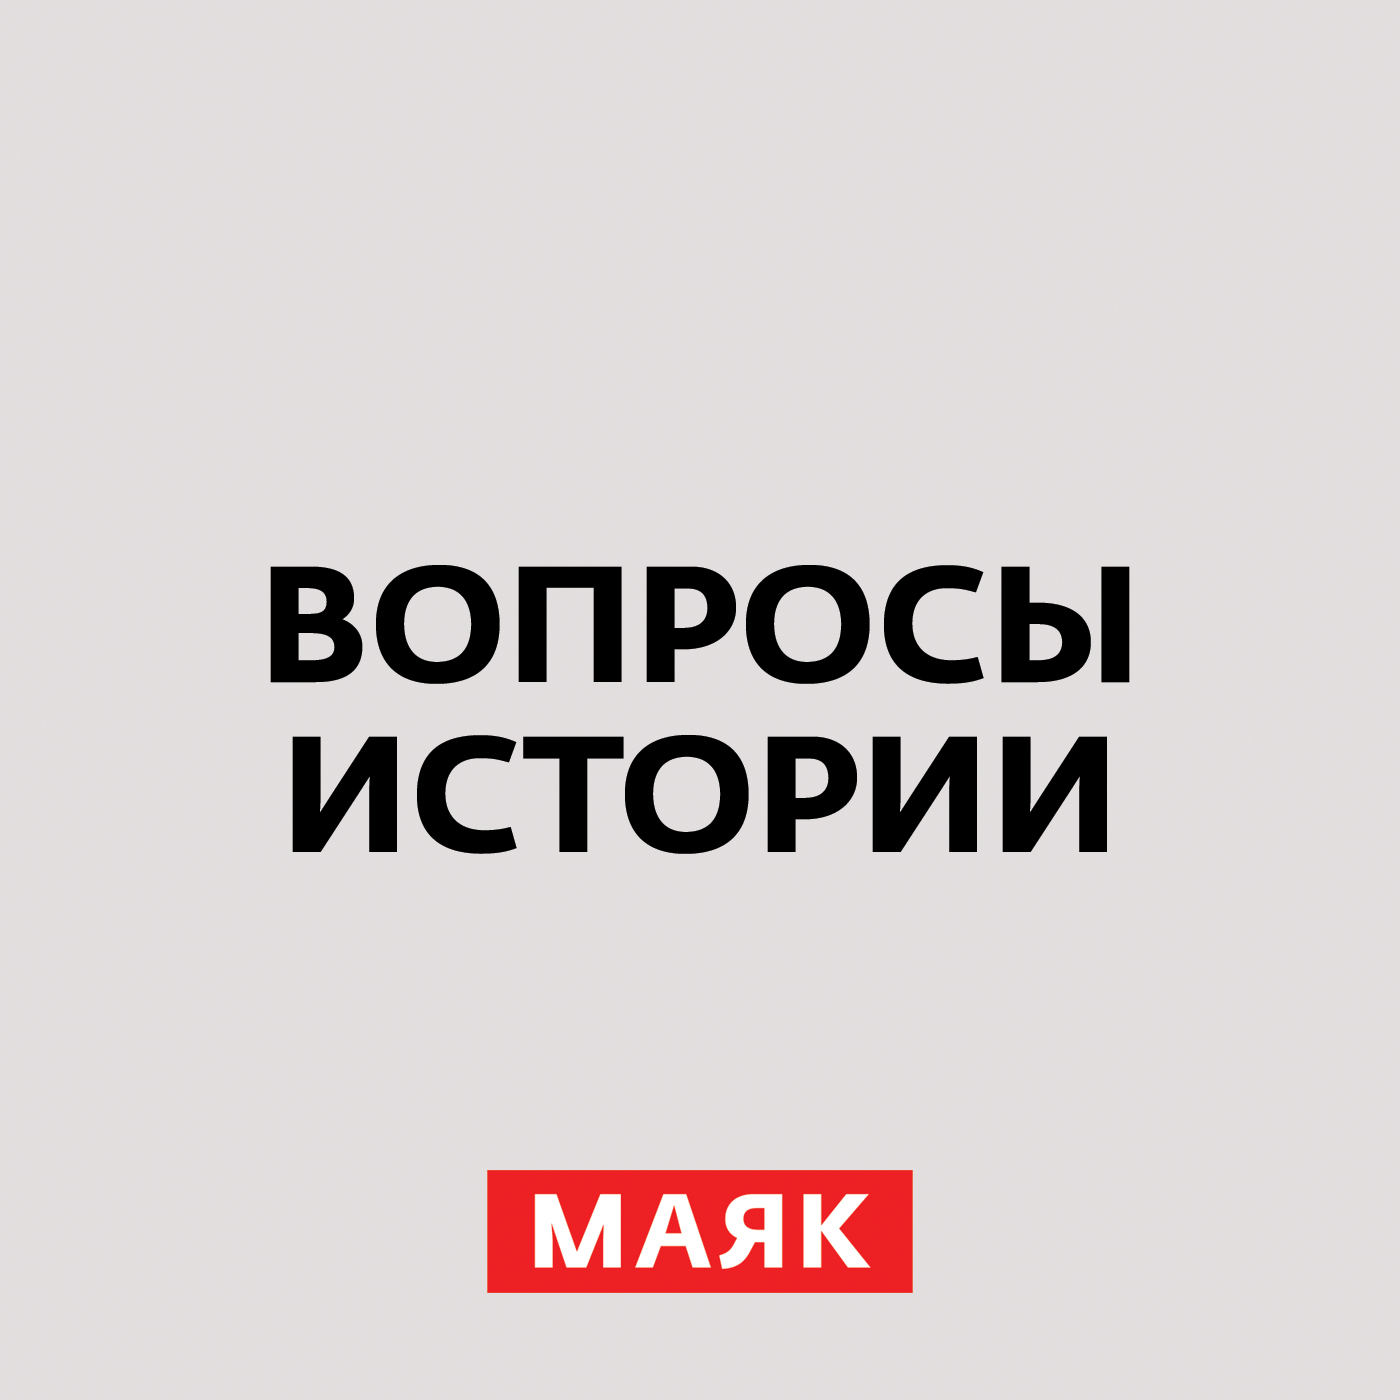 Андрей Светенко Павел I – продукт не только Екатерины II, но и Петра III павел i наказ